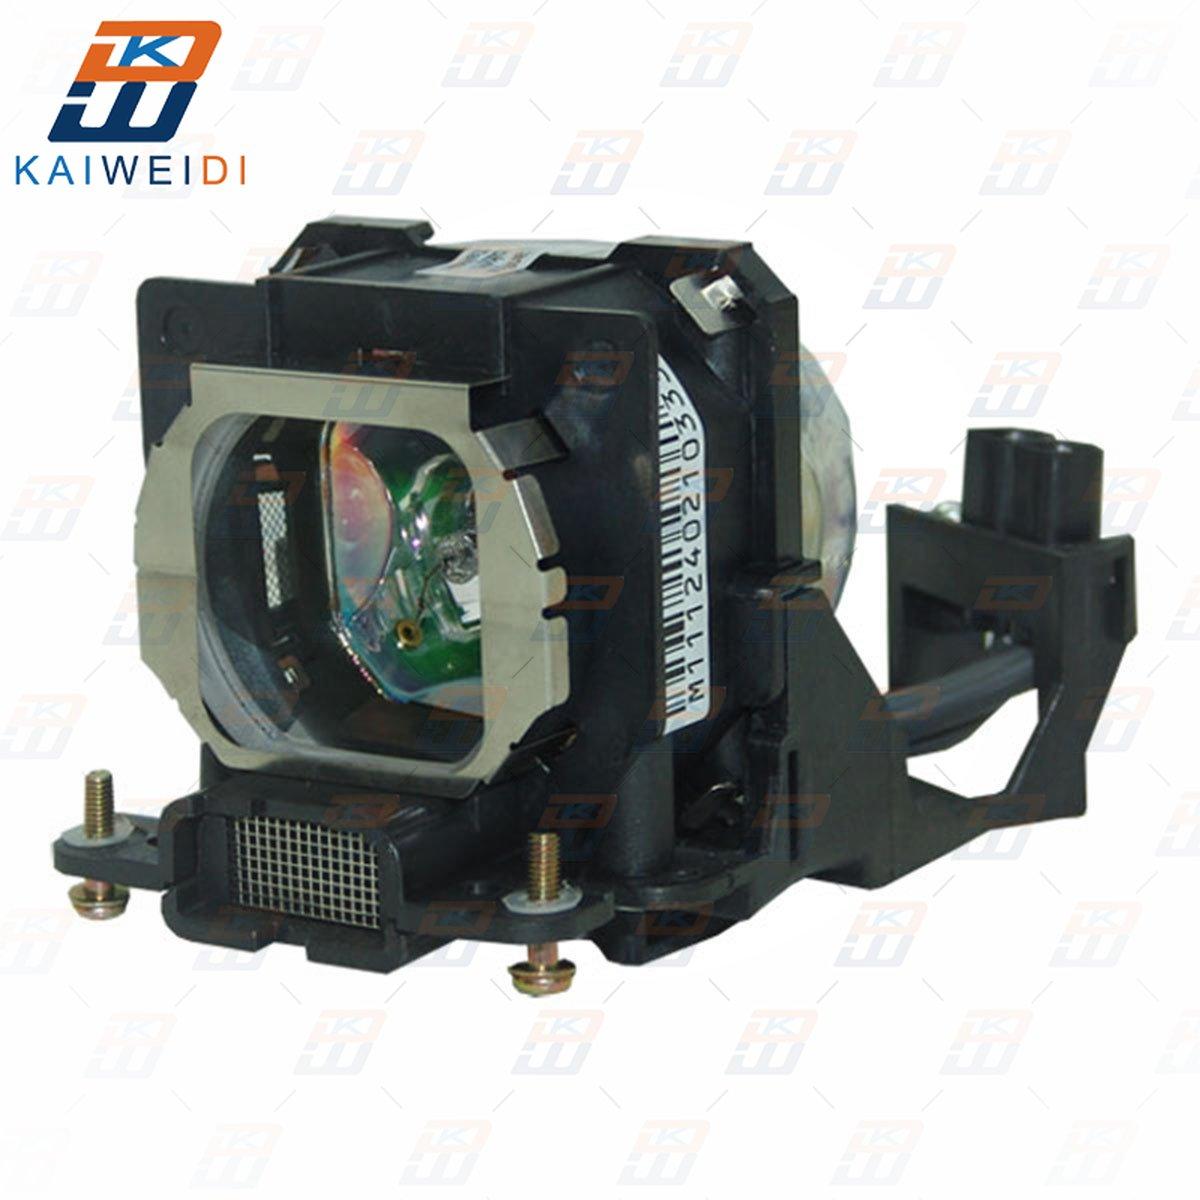 ET-LAE700 ET-LAE900 Projector Lamp For Panasonic PT-AE700 PT-AE700E PT-AE700U PT-AE800 PT-AE800E PT-AE800U PT-AE900 PT-AE900U